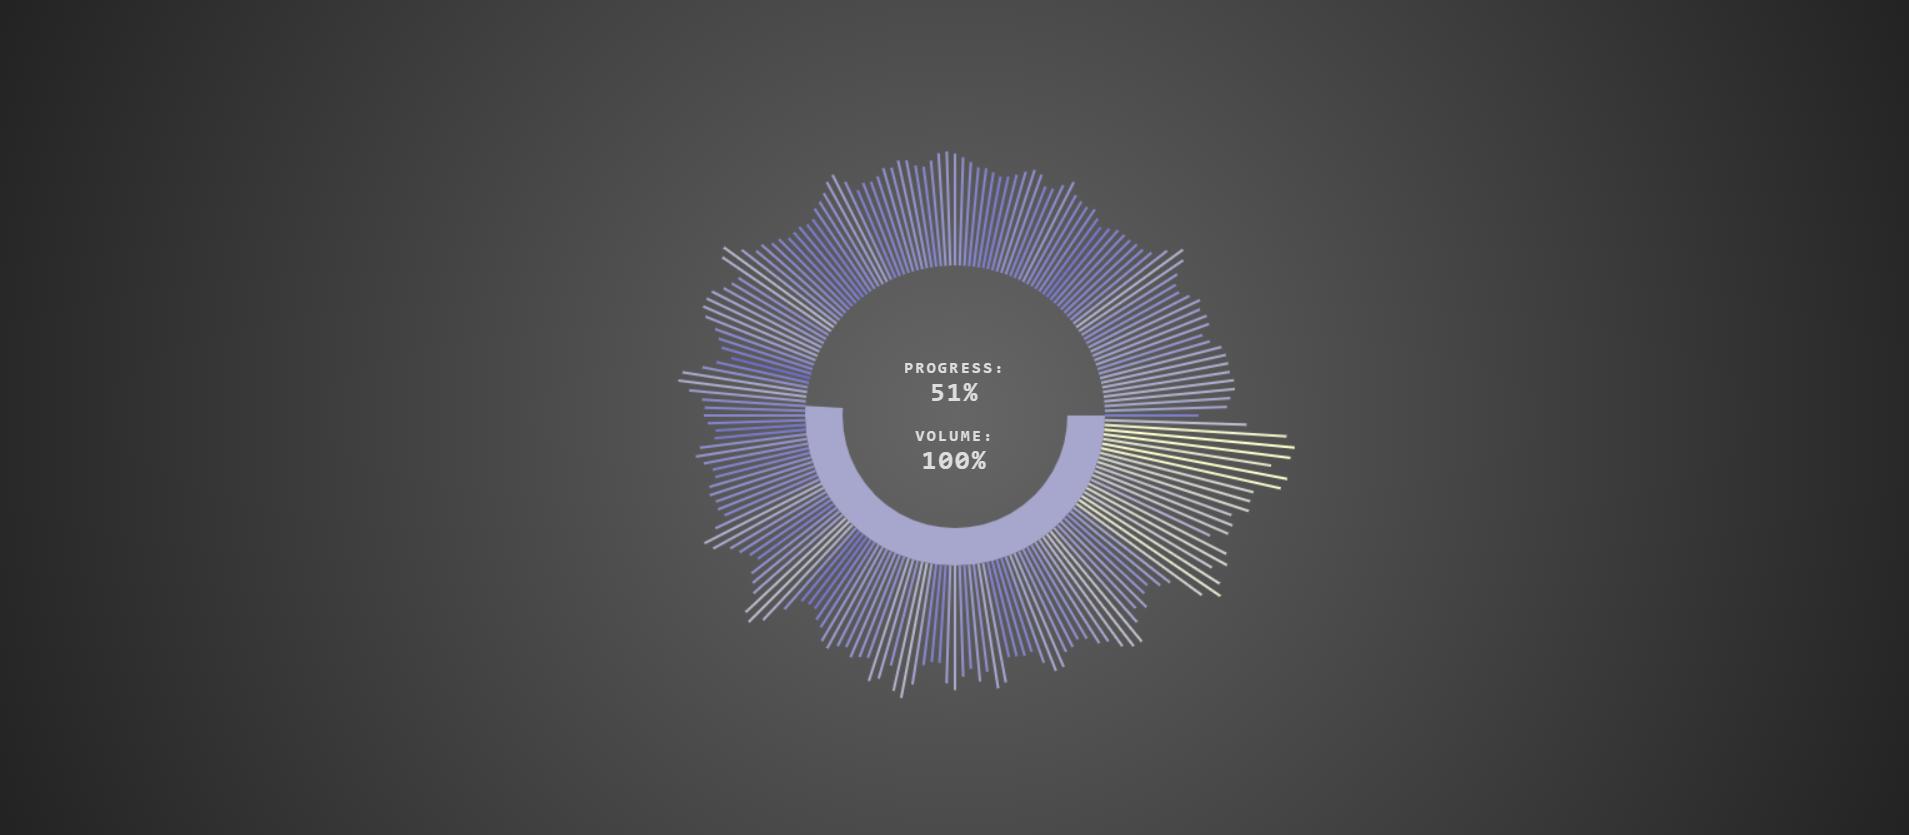 Работаем с аудио: загрузка файлов, регулировка звука, прогресс, визуализация - 1